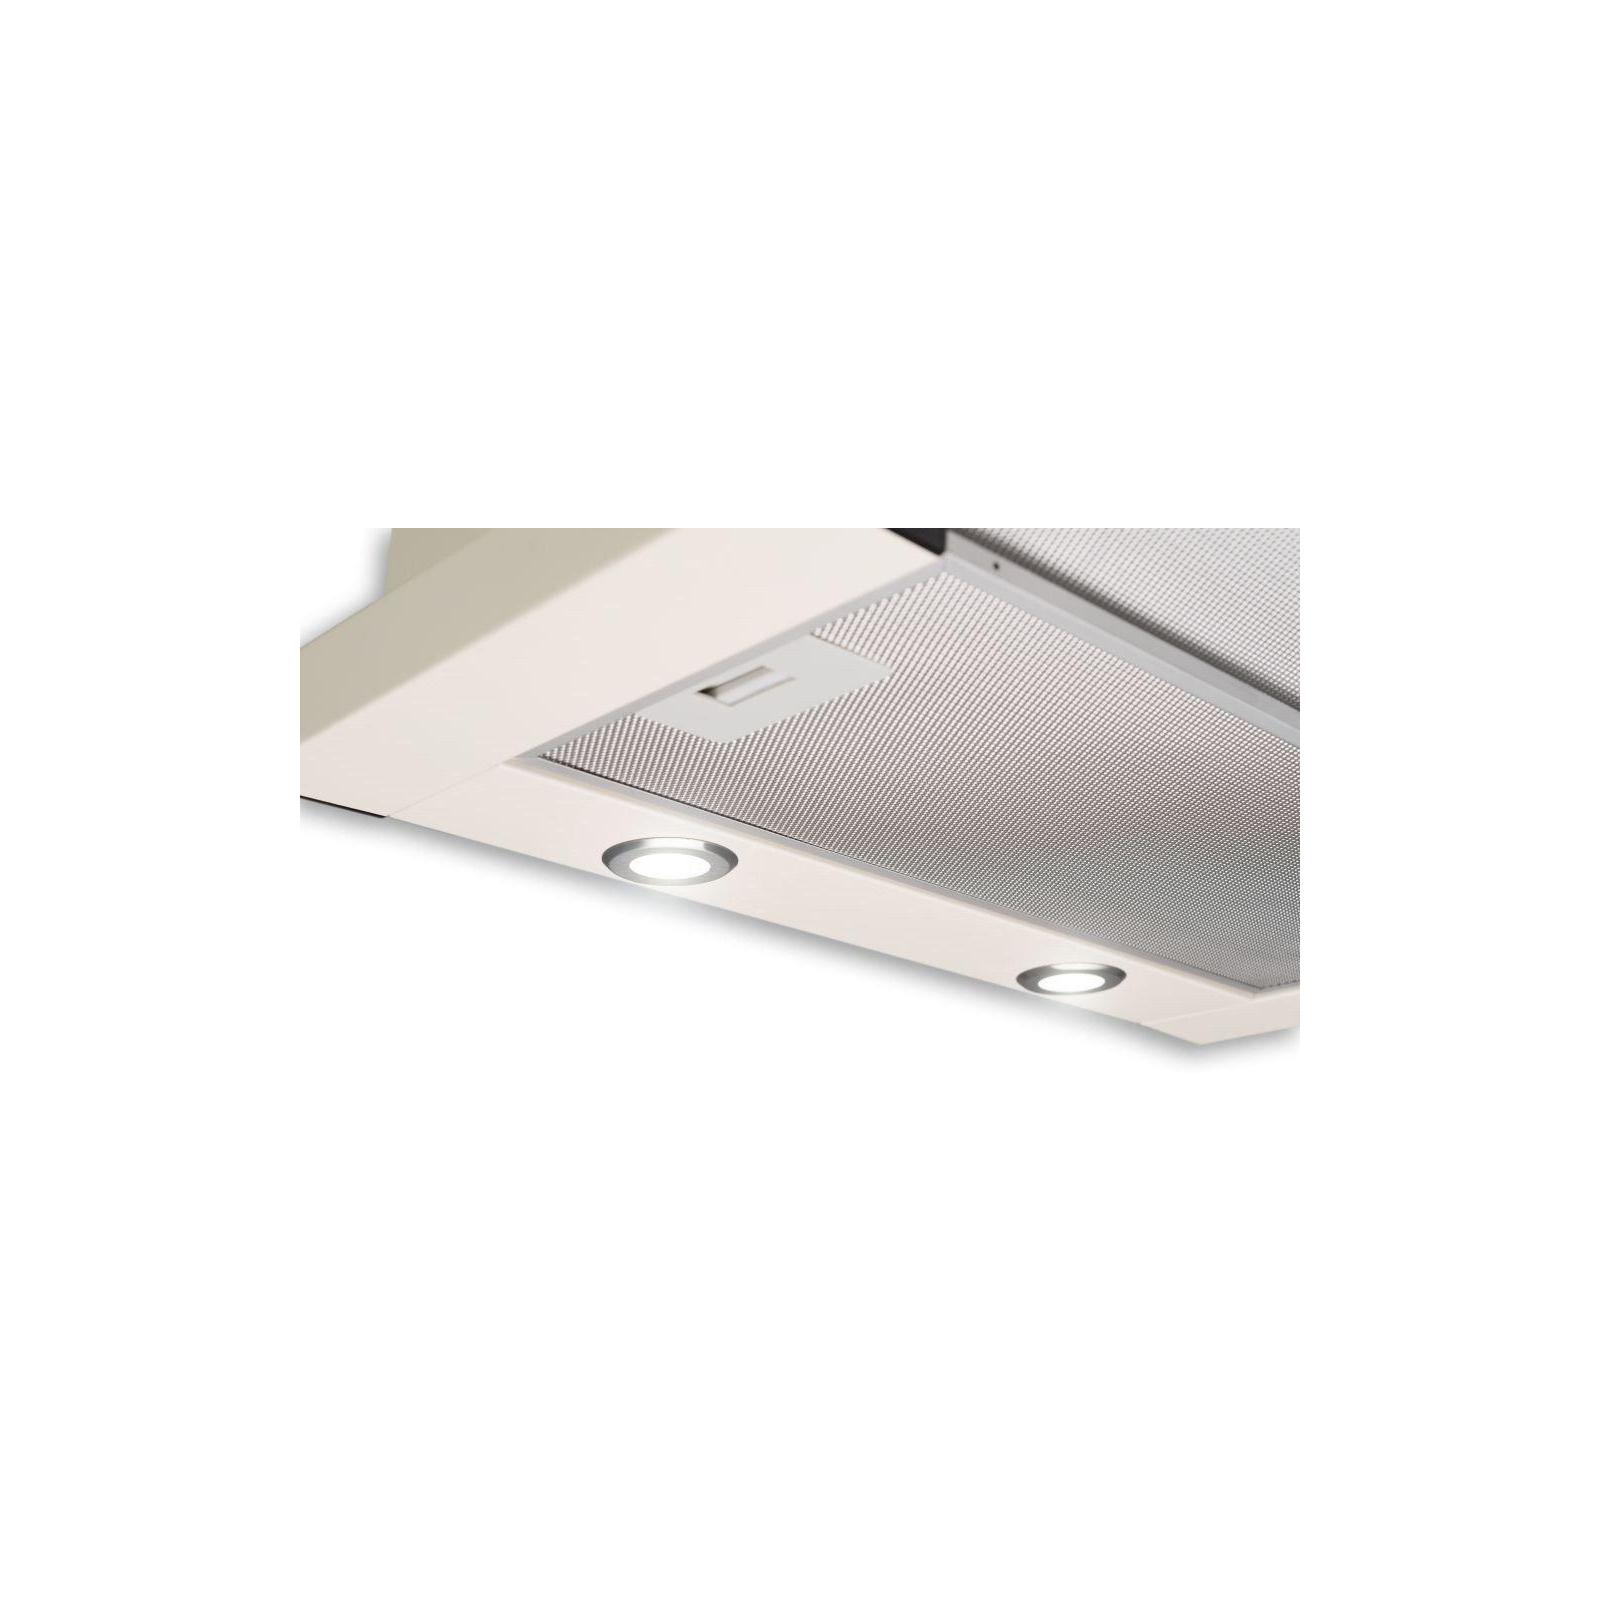 Вытяжка кухонная MINOLA HTL 6012 IV 450 LED изображение 8